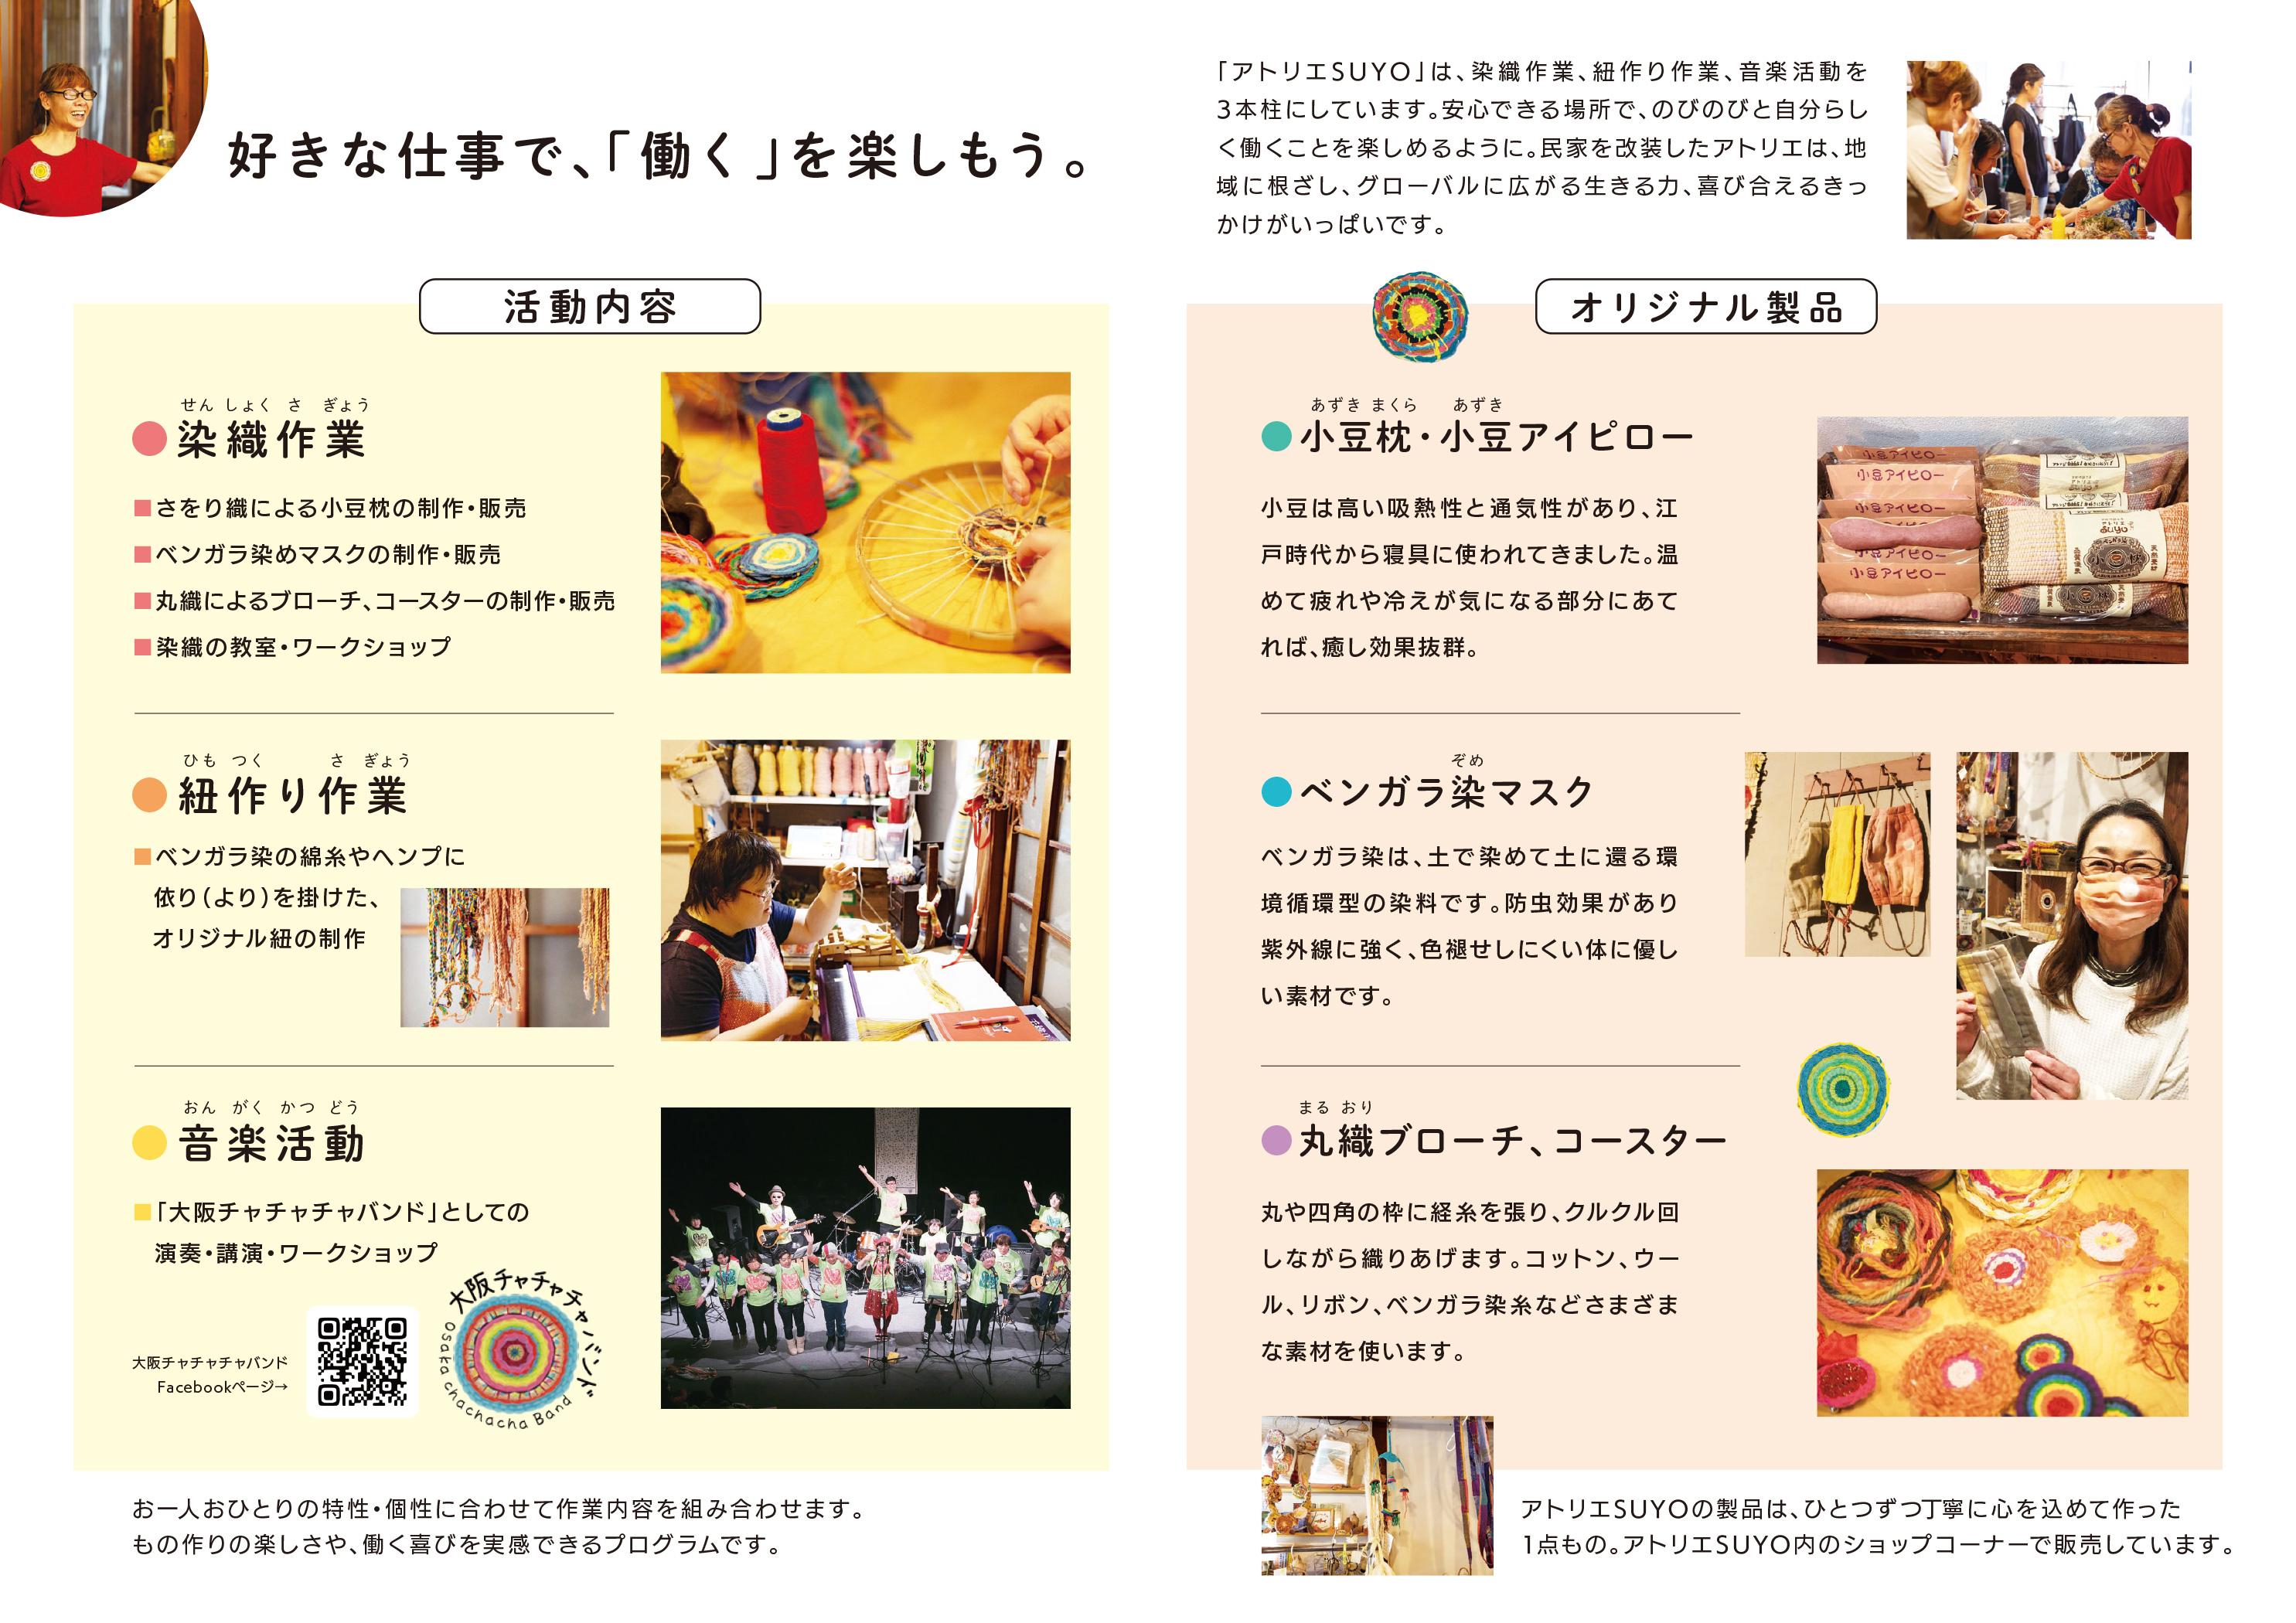 就労継続支援B型事業所フライヤー|2020.6 アトリエSUYO様(大阪市東成区)